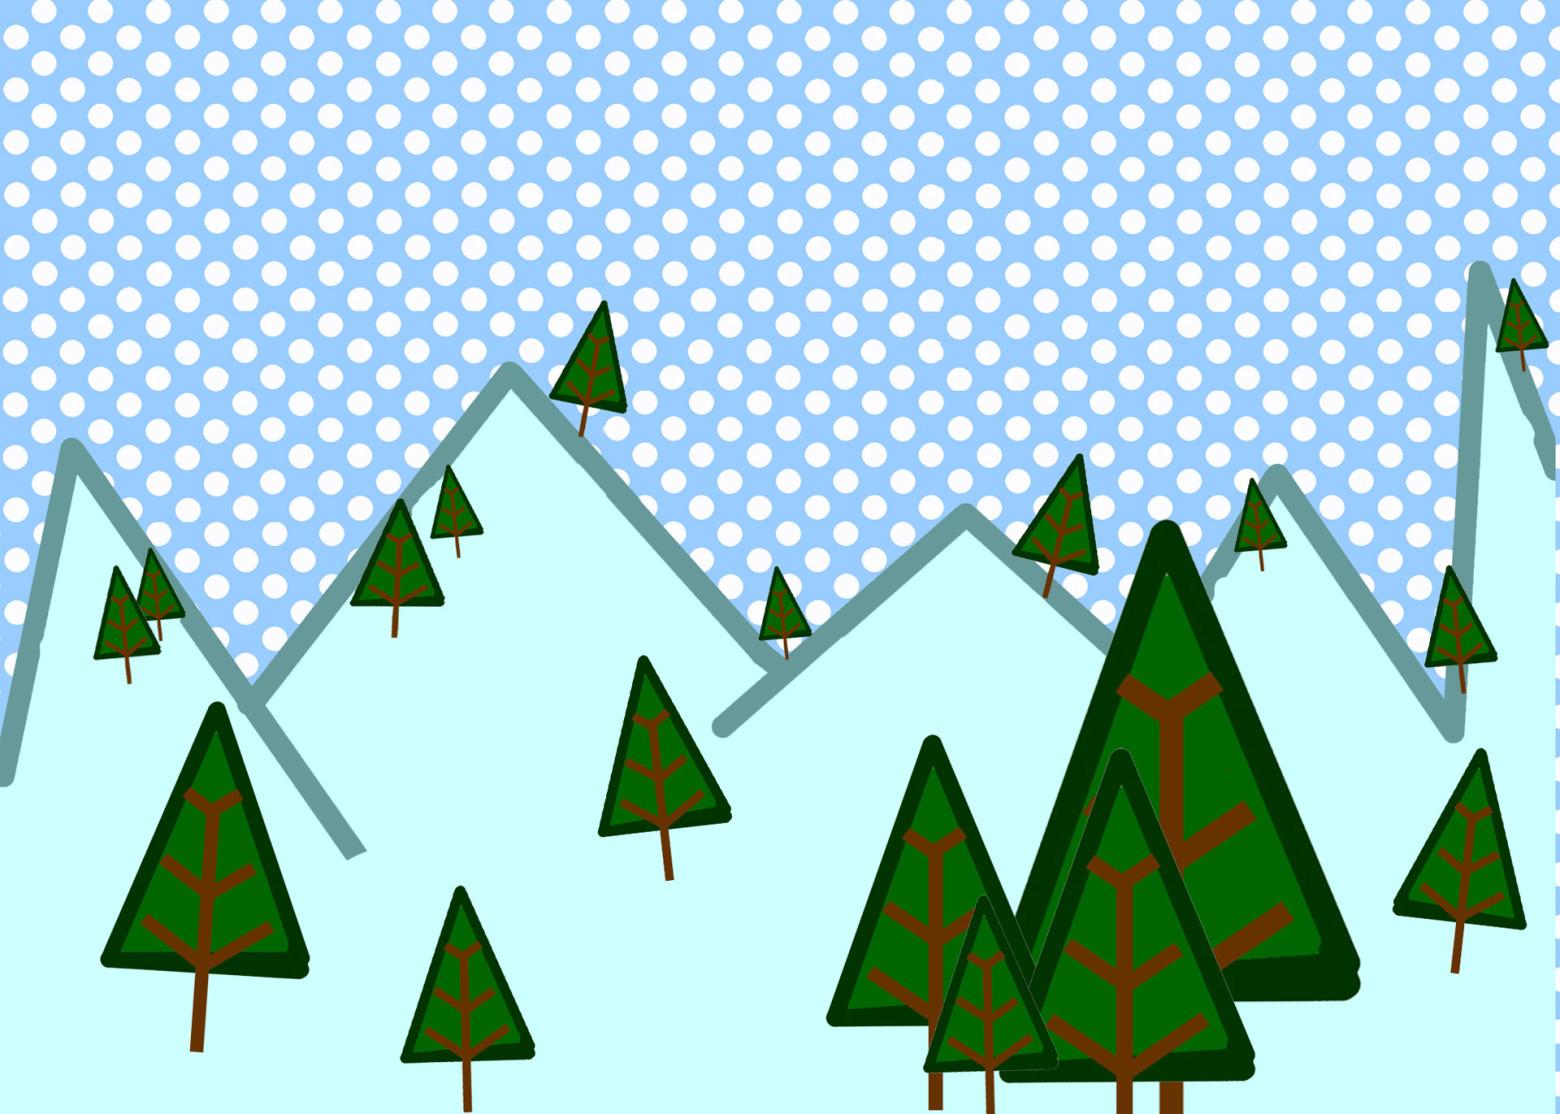 illustration vecteur hiver saison sapin montagne images gratuites et libres de droits. Black Bedroom Furniture Sets. Home Design Ideas